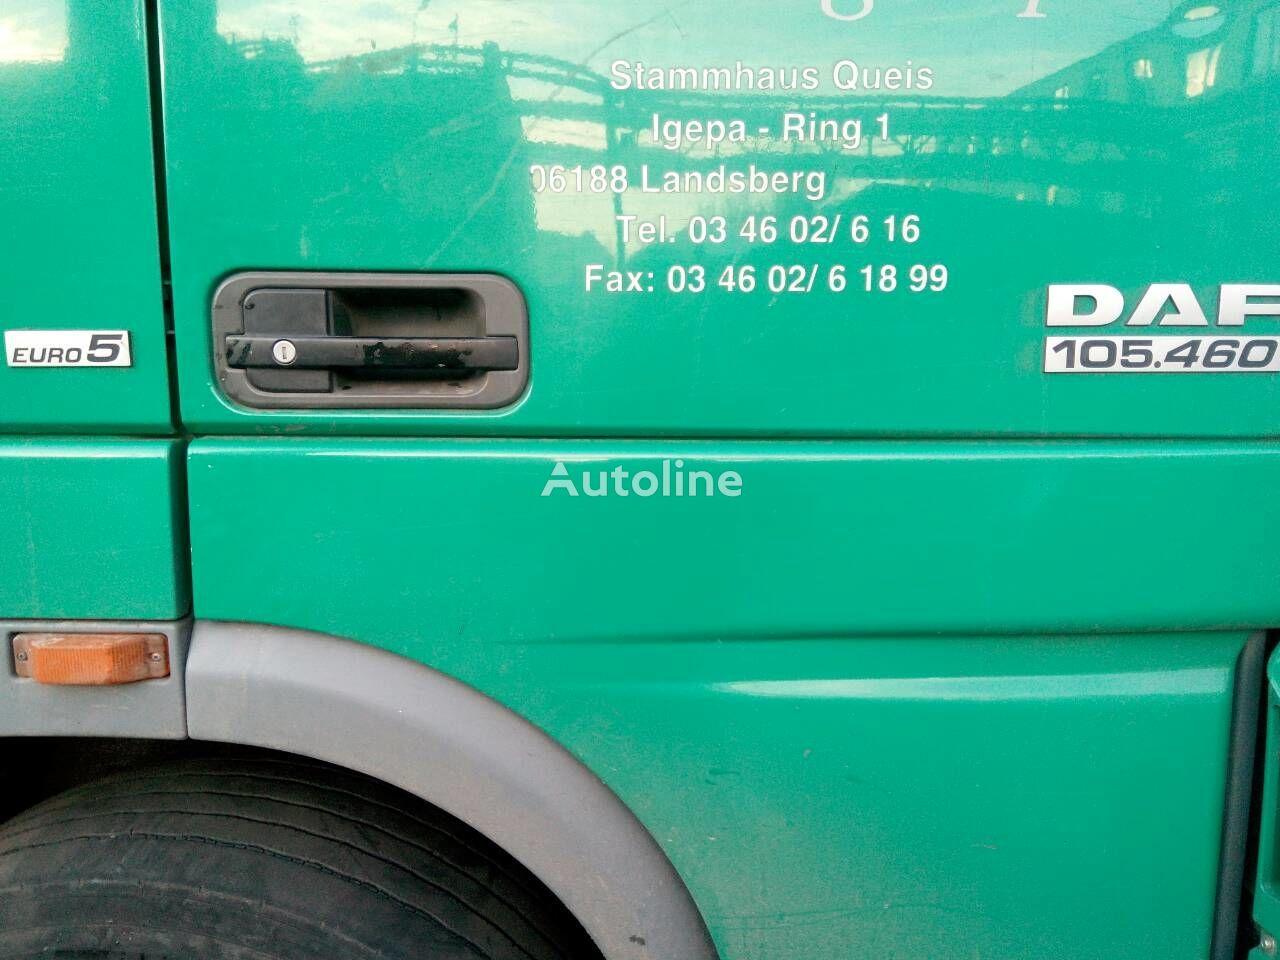 новый патрубок DAF Охлаждения ретарды двигатель 460 л.с. Коробка автомат. для грузовика DAF AS 105 XF